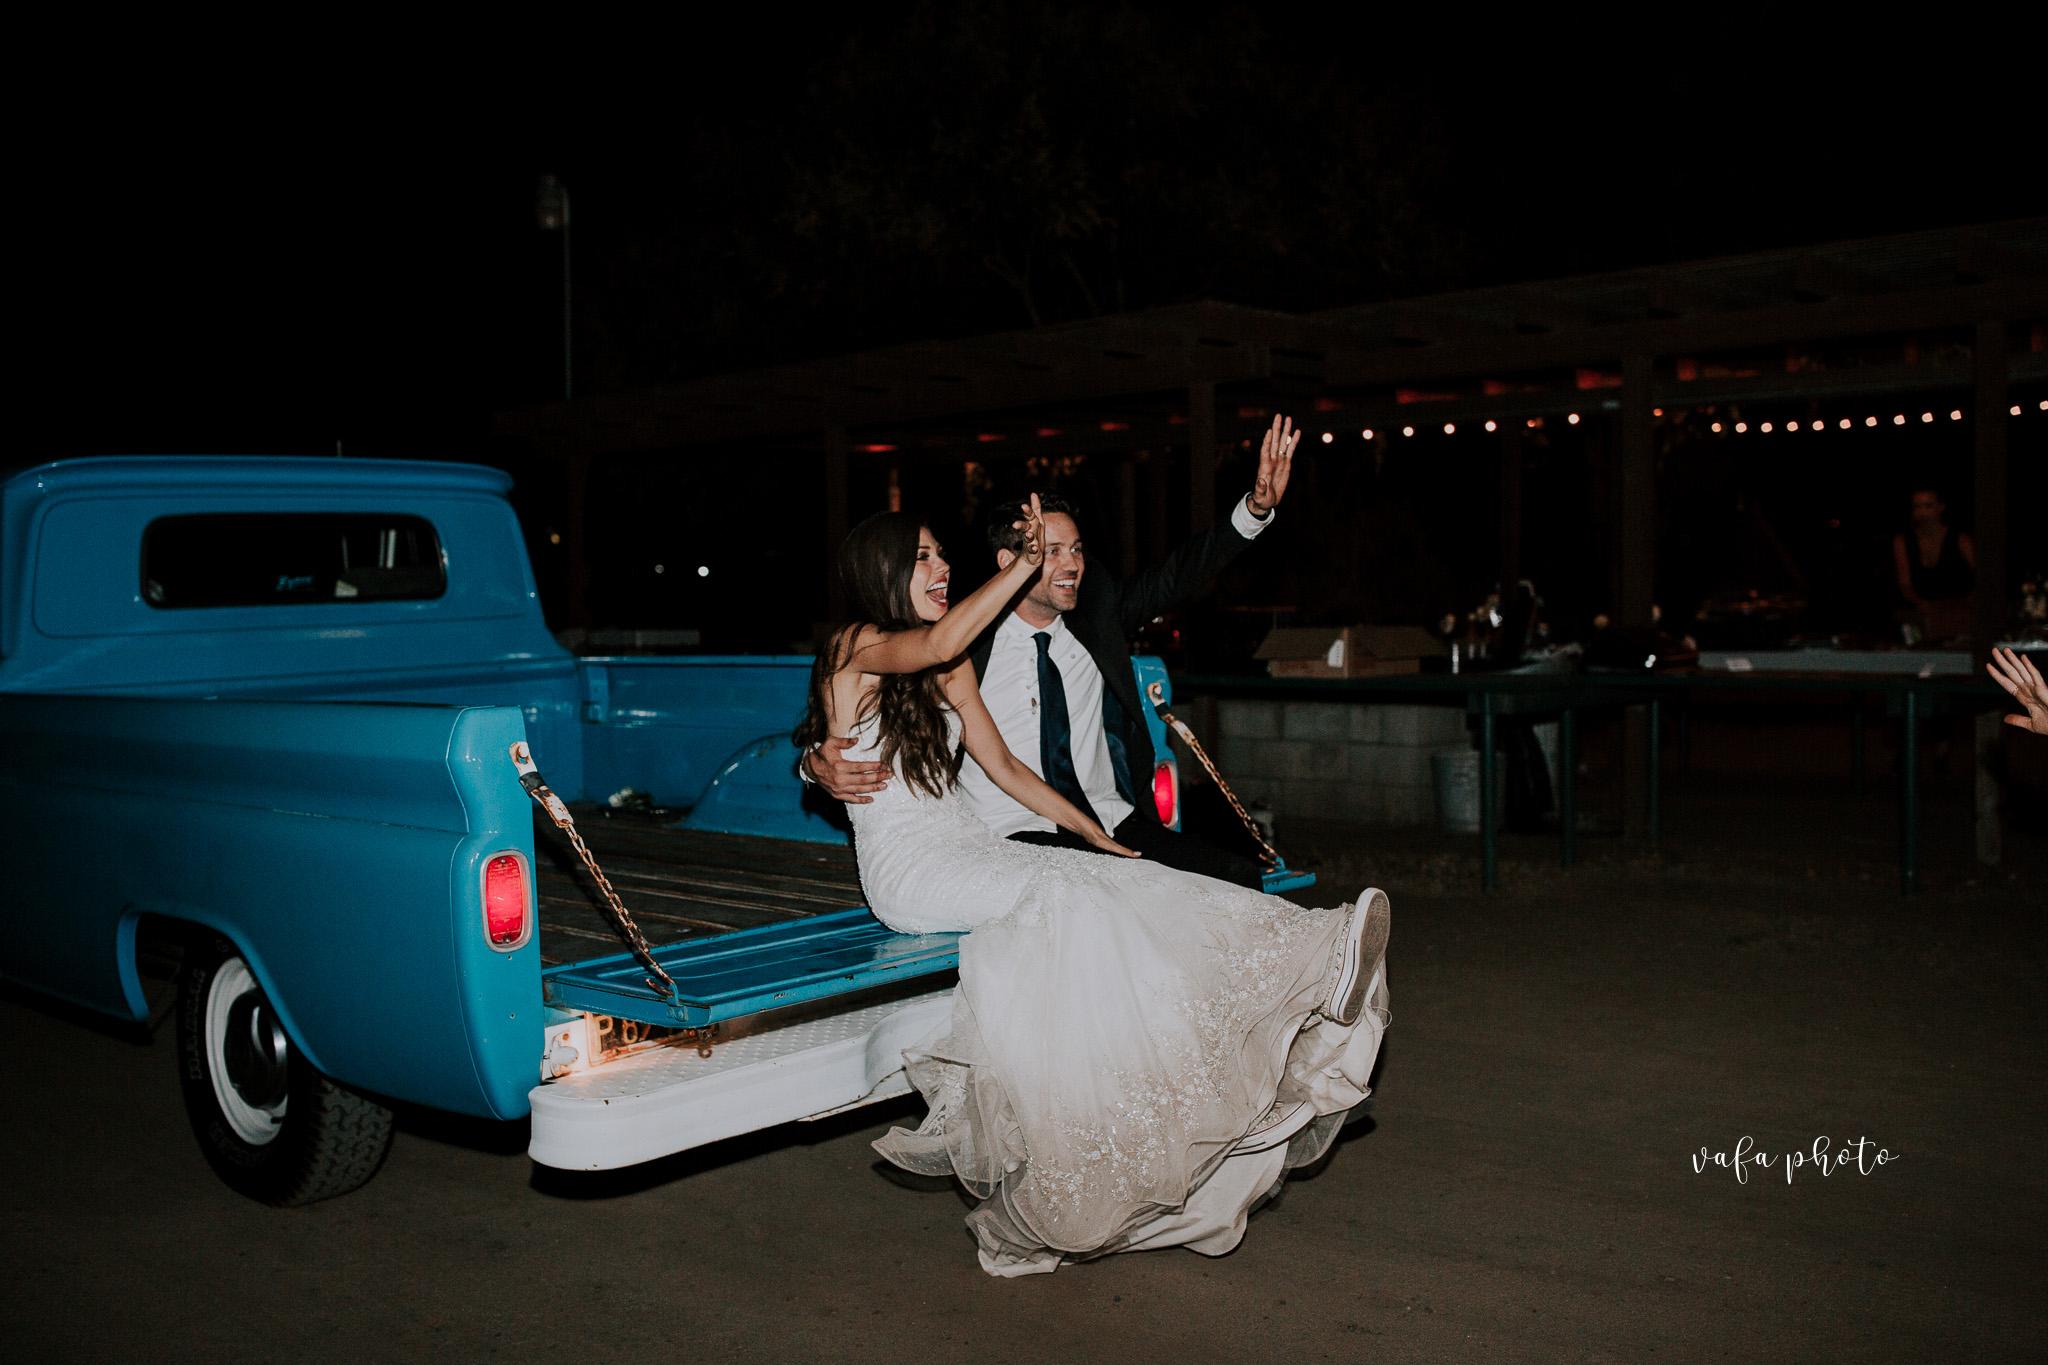 Southern-California-Wedding-Britt-Nilsson-Jeremy-Byrne-Vafa-Photo-1151.jpg